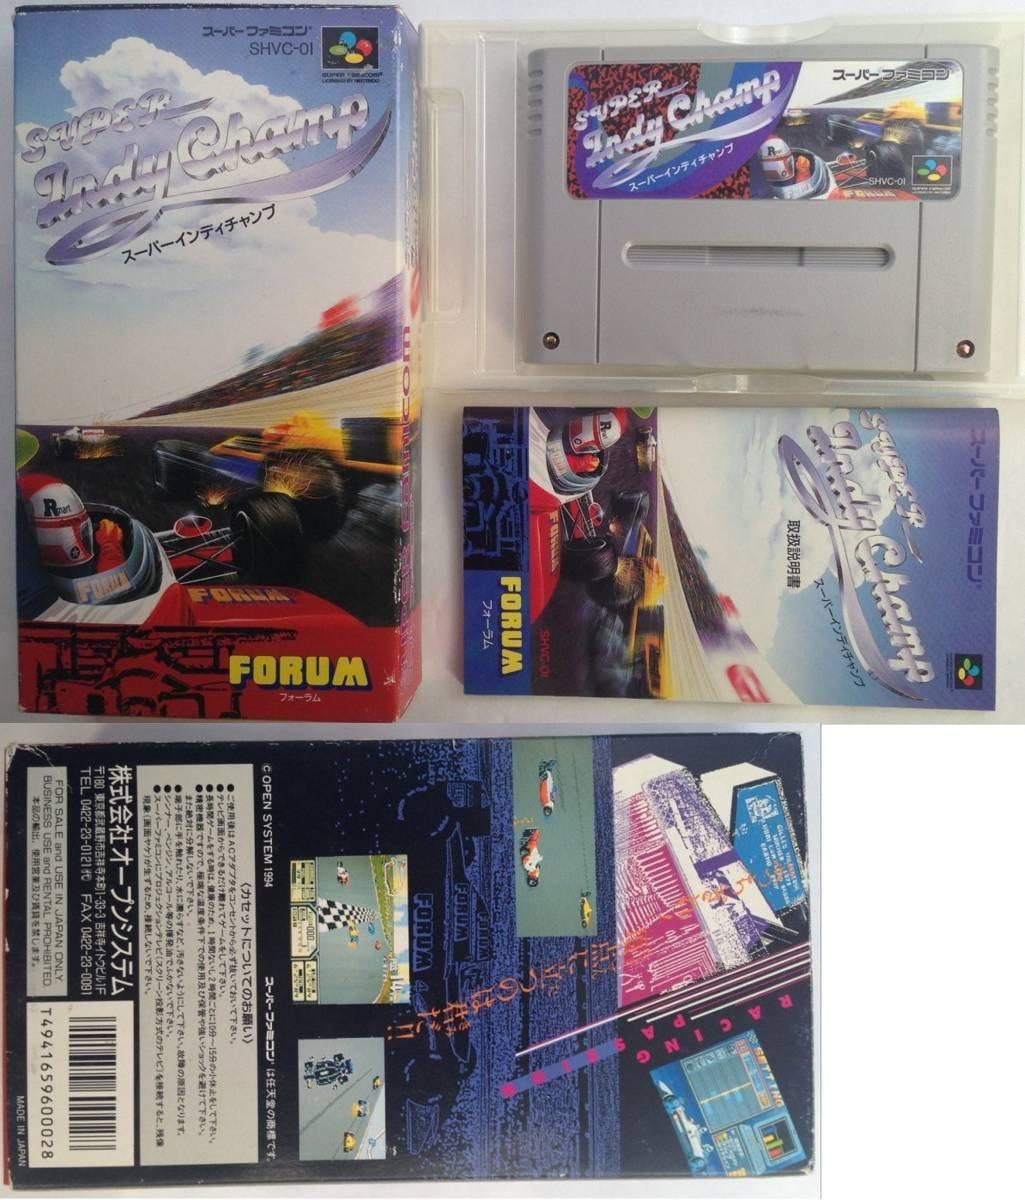 スーパーファミコン ゲーム スーパーインディチャンプ SHVC-OI